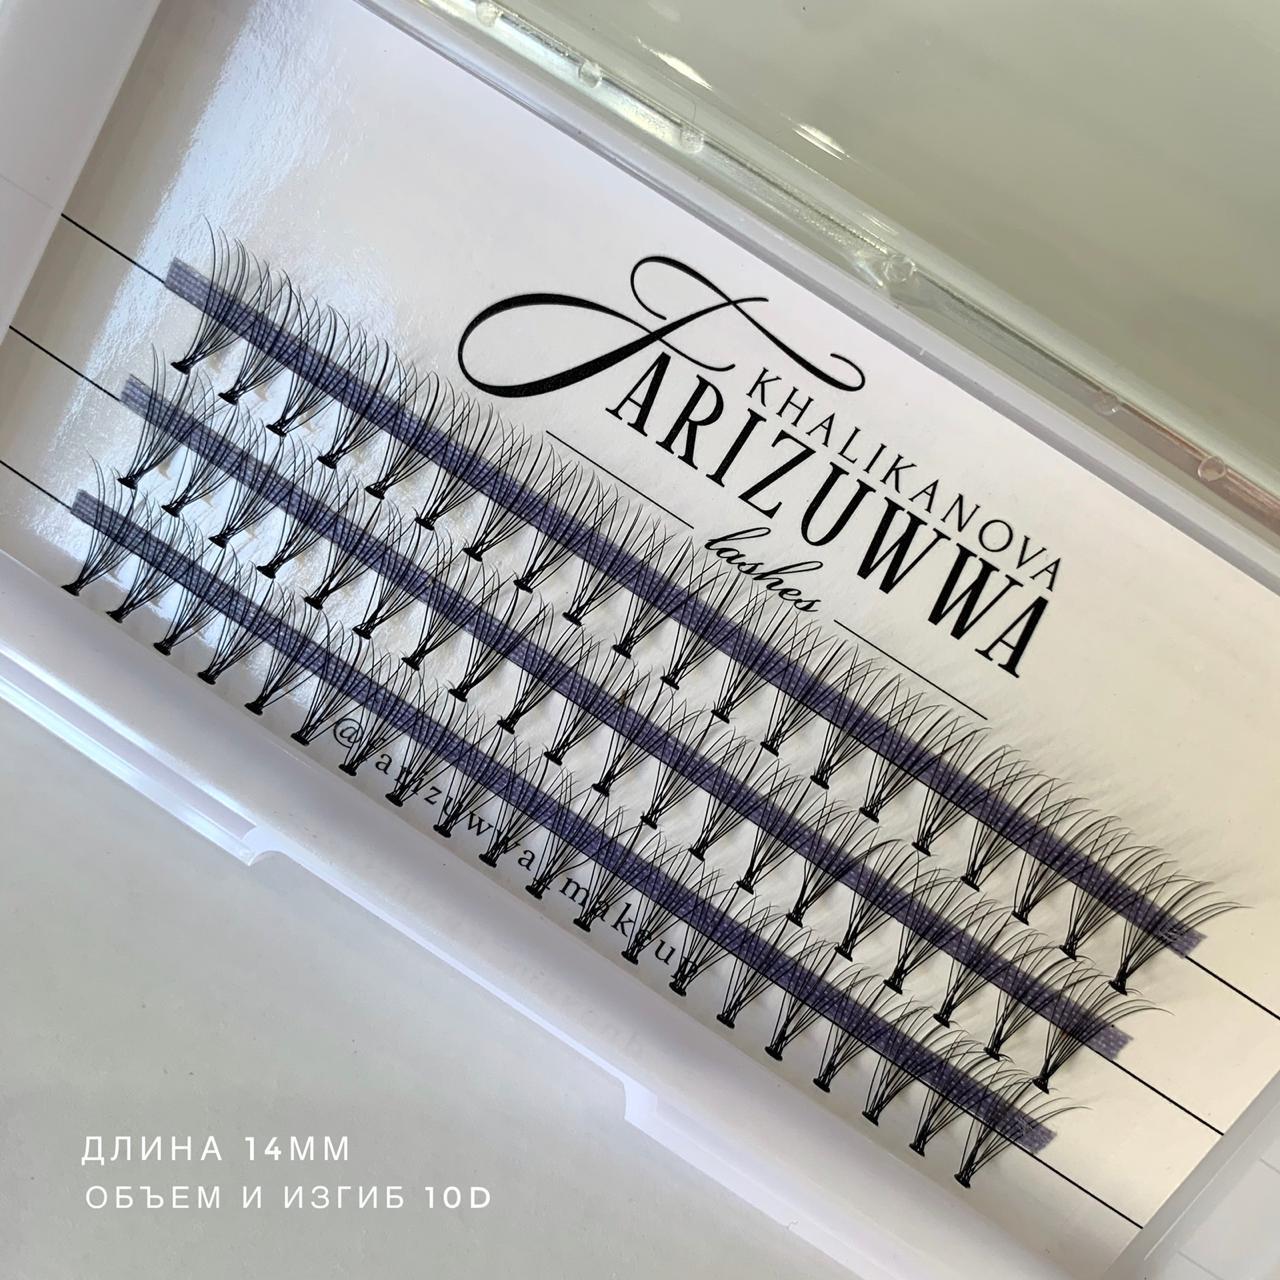 Пучки Farizuwwa 14мм